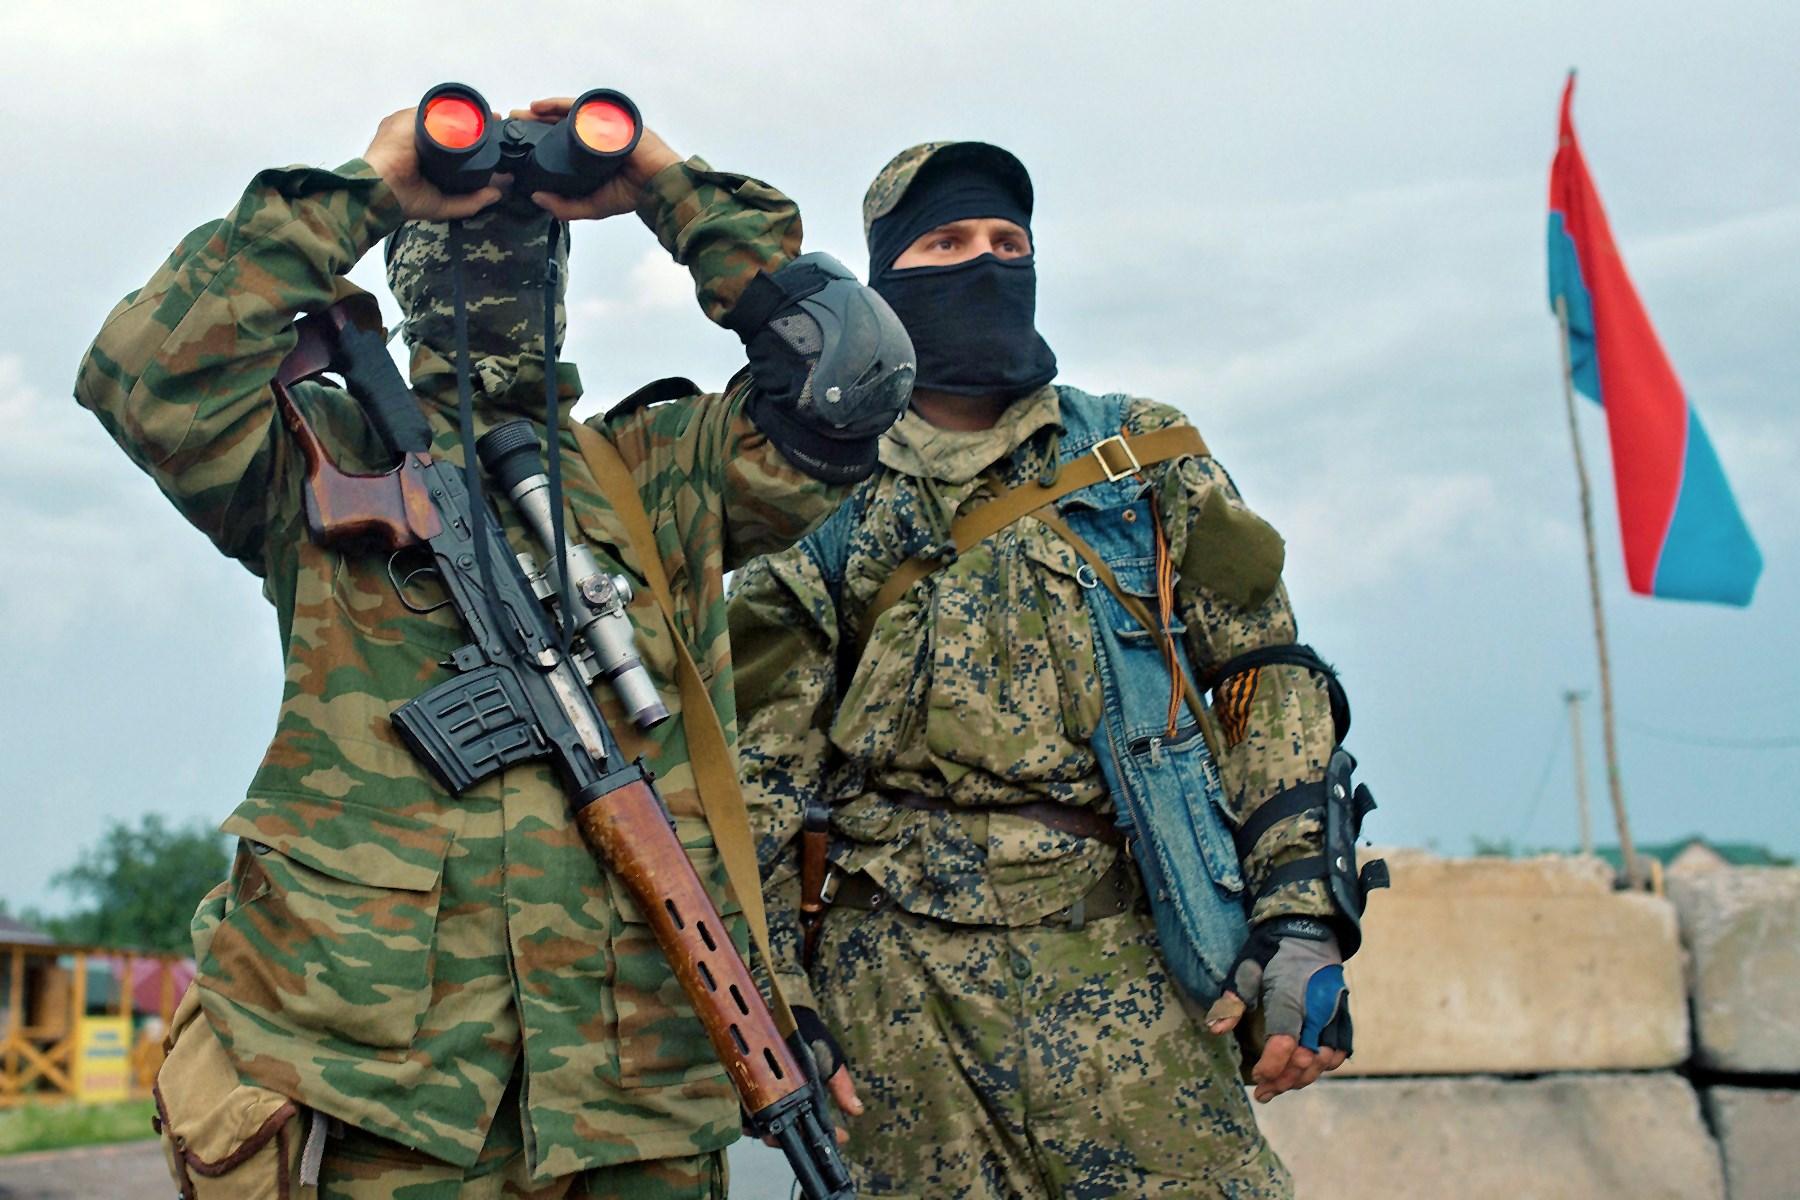 00 novorossiya. soldiers 01. dnr. lnr. 06.06.15